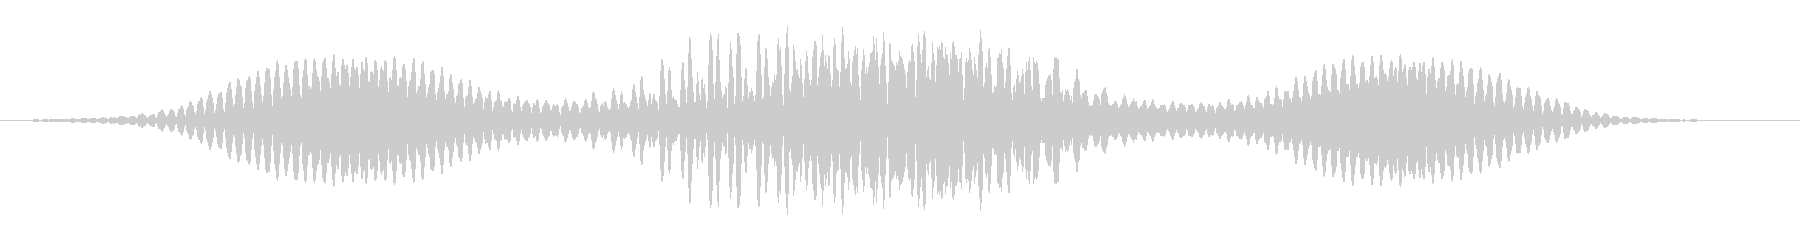 クイックハムスイープの未再生の波形